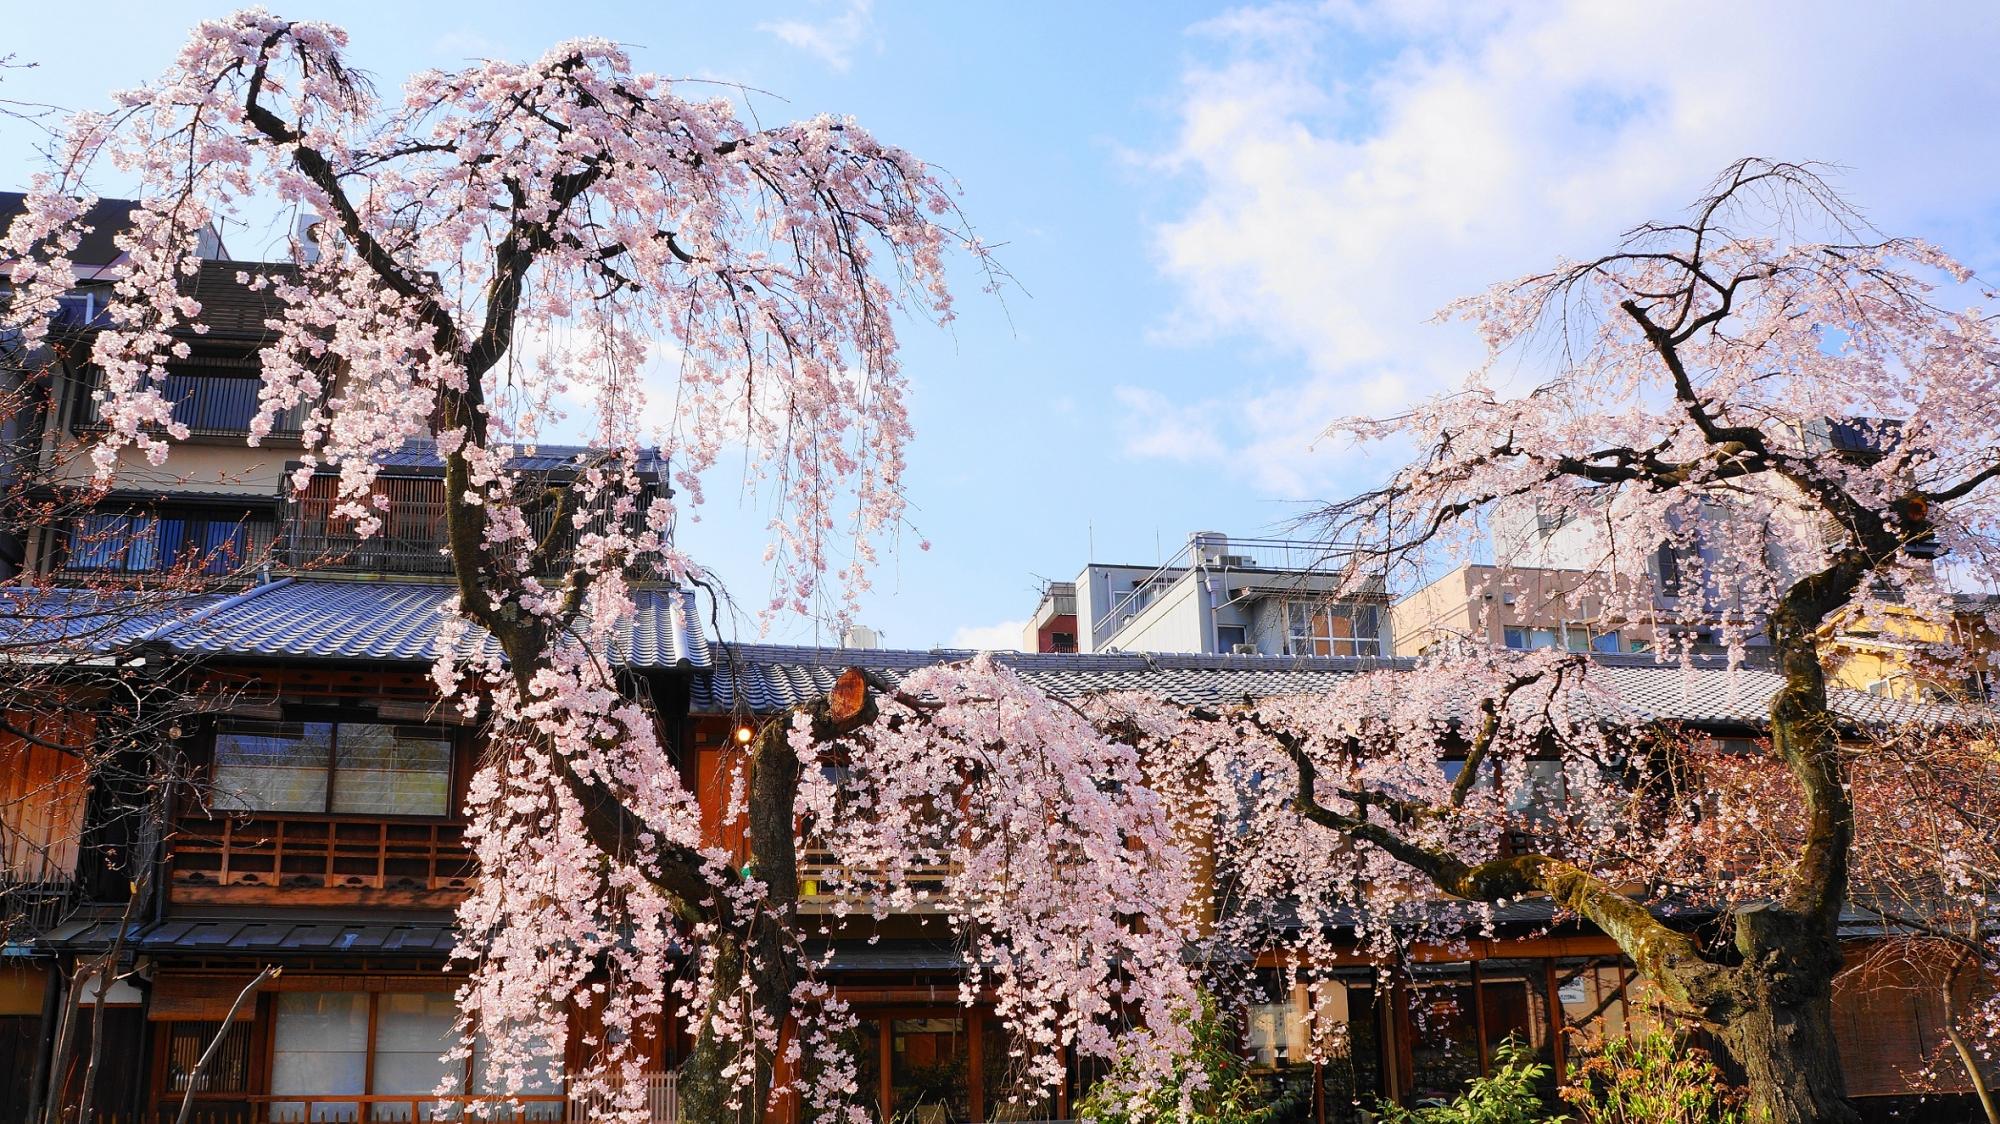 風情ある街並みをつつむ見事なしだれ桜